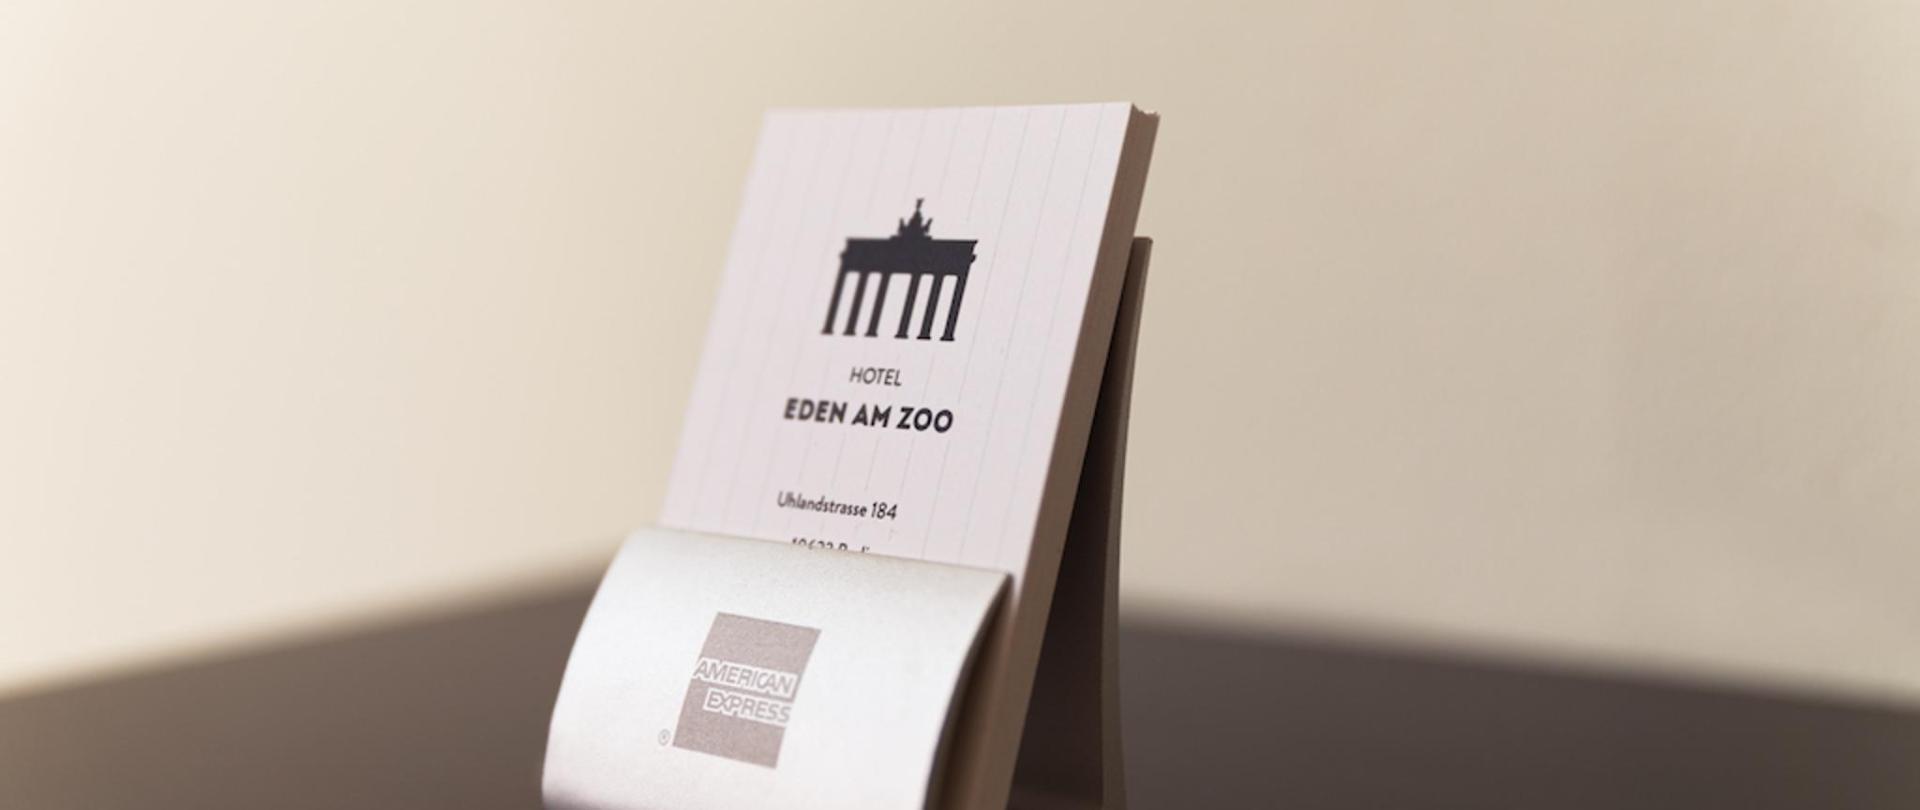 Hotel Eden am Zoo Berlin Kurfuerstendamm 6P1A5570.jpg